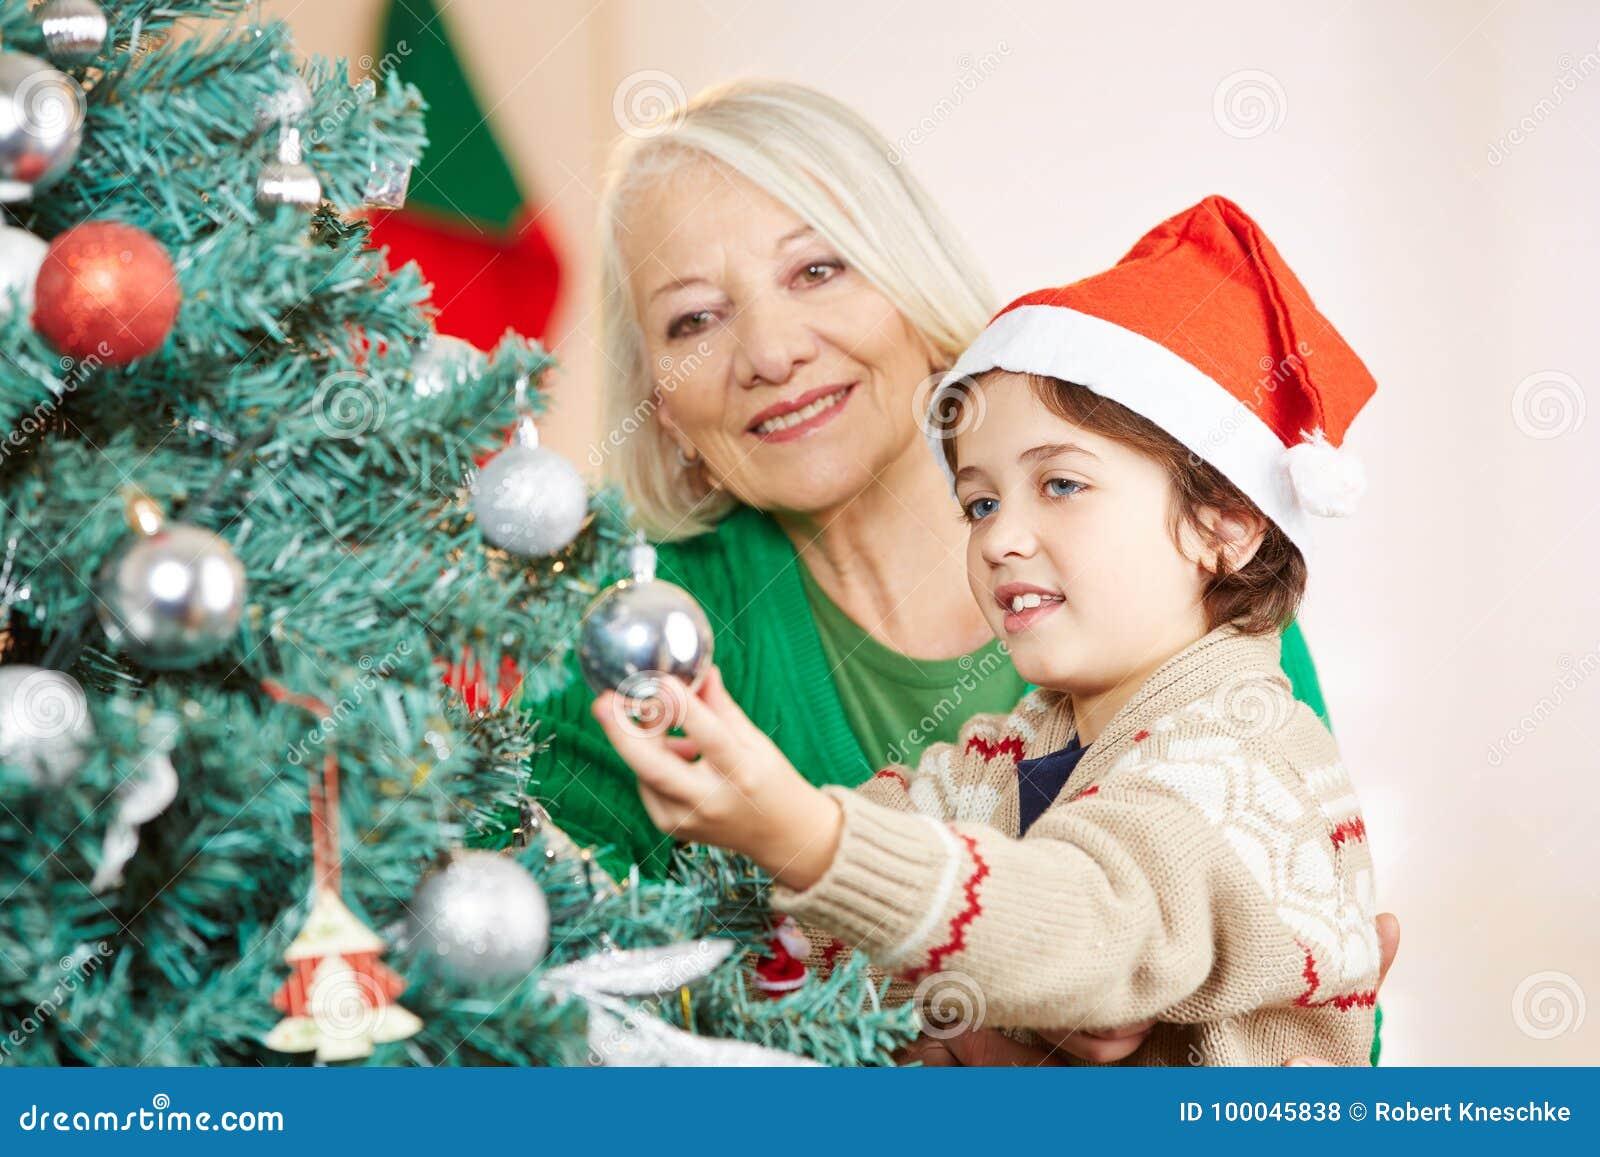 Εγγόνι που βοηθά τη γιαγιά για να διακοσμήσει το χριστουγεννιάτικο δέντρο